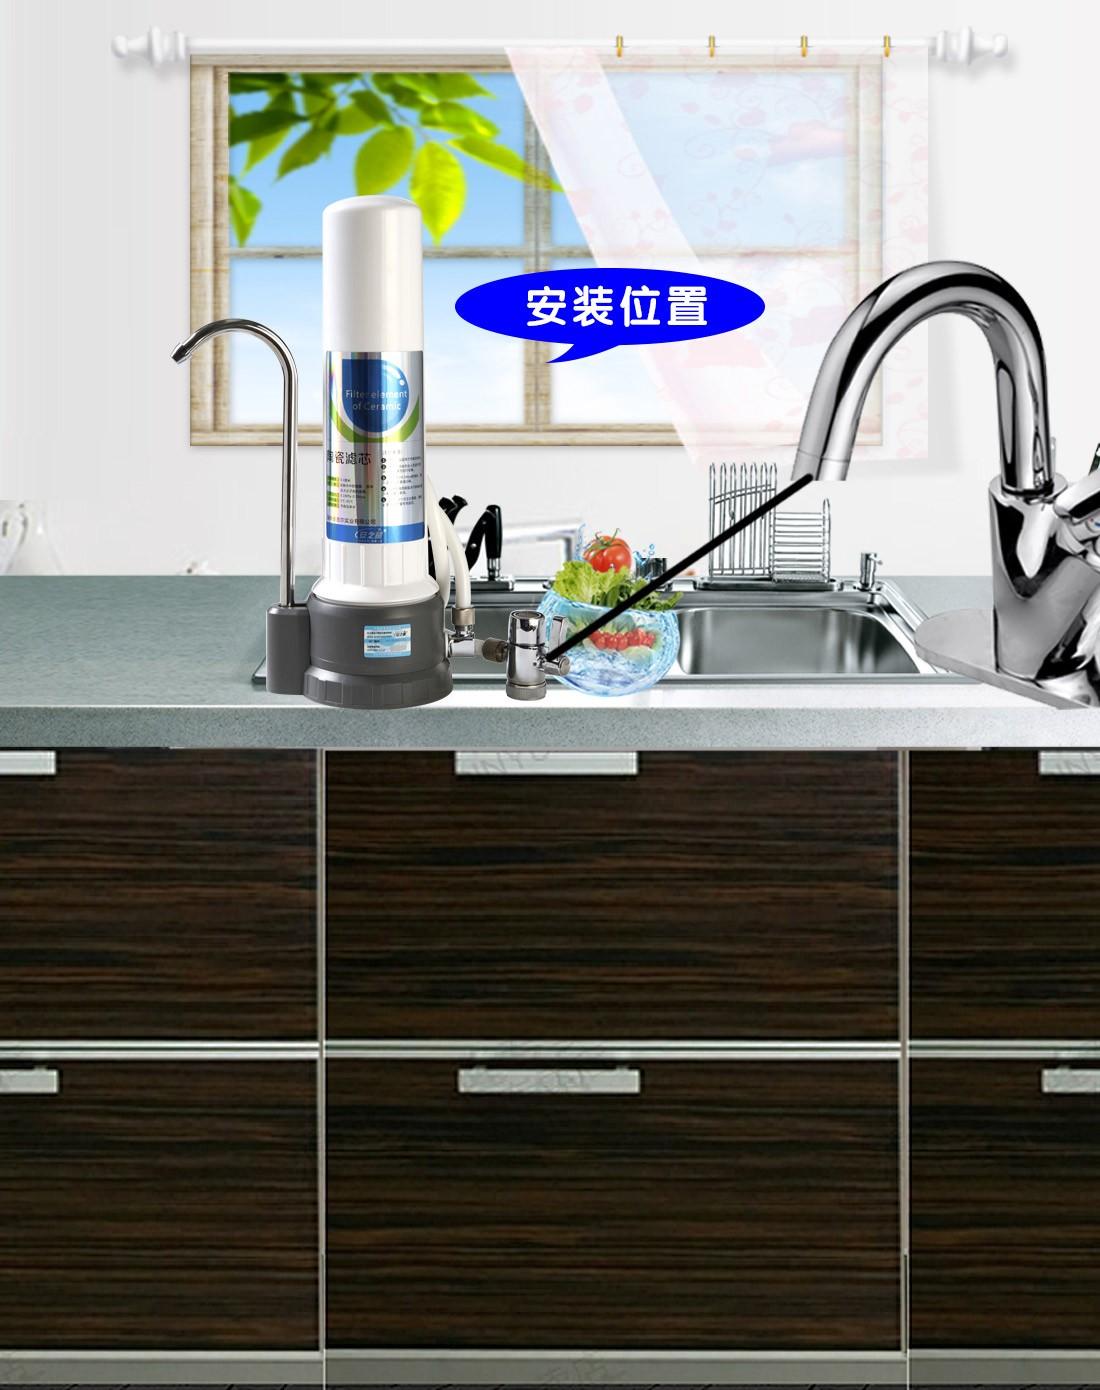 > 台式龙头净水器 超强自来水过滤器